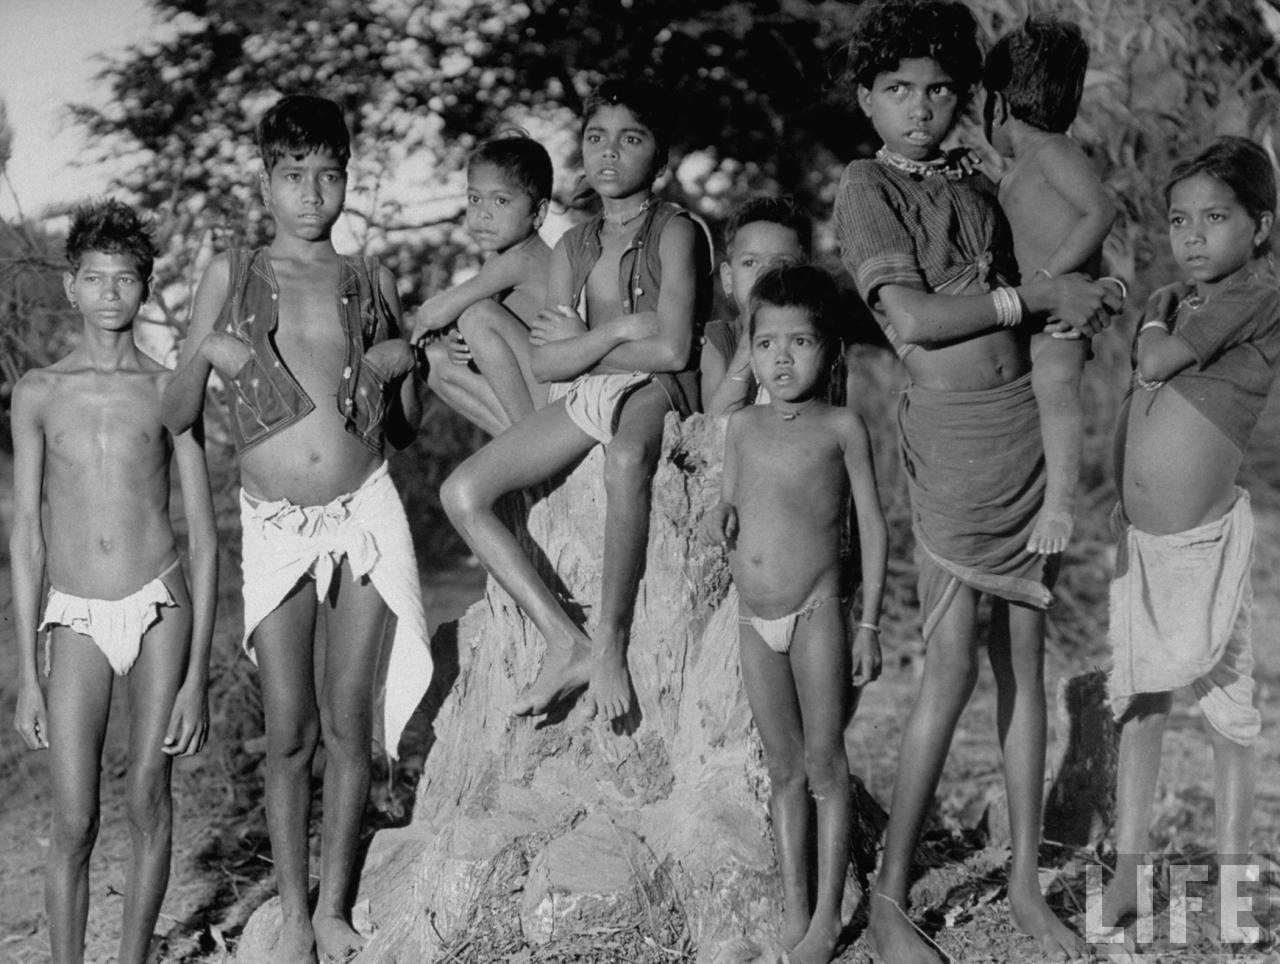 Indian aborigines children, posing near home in their village - 1946